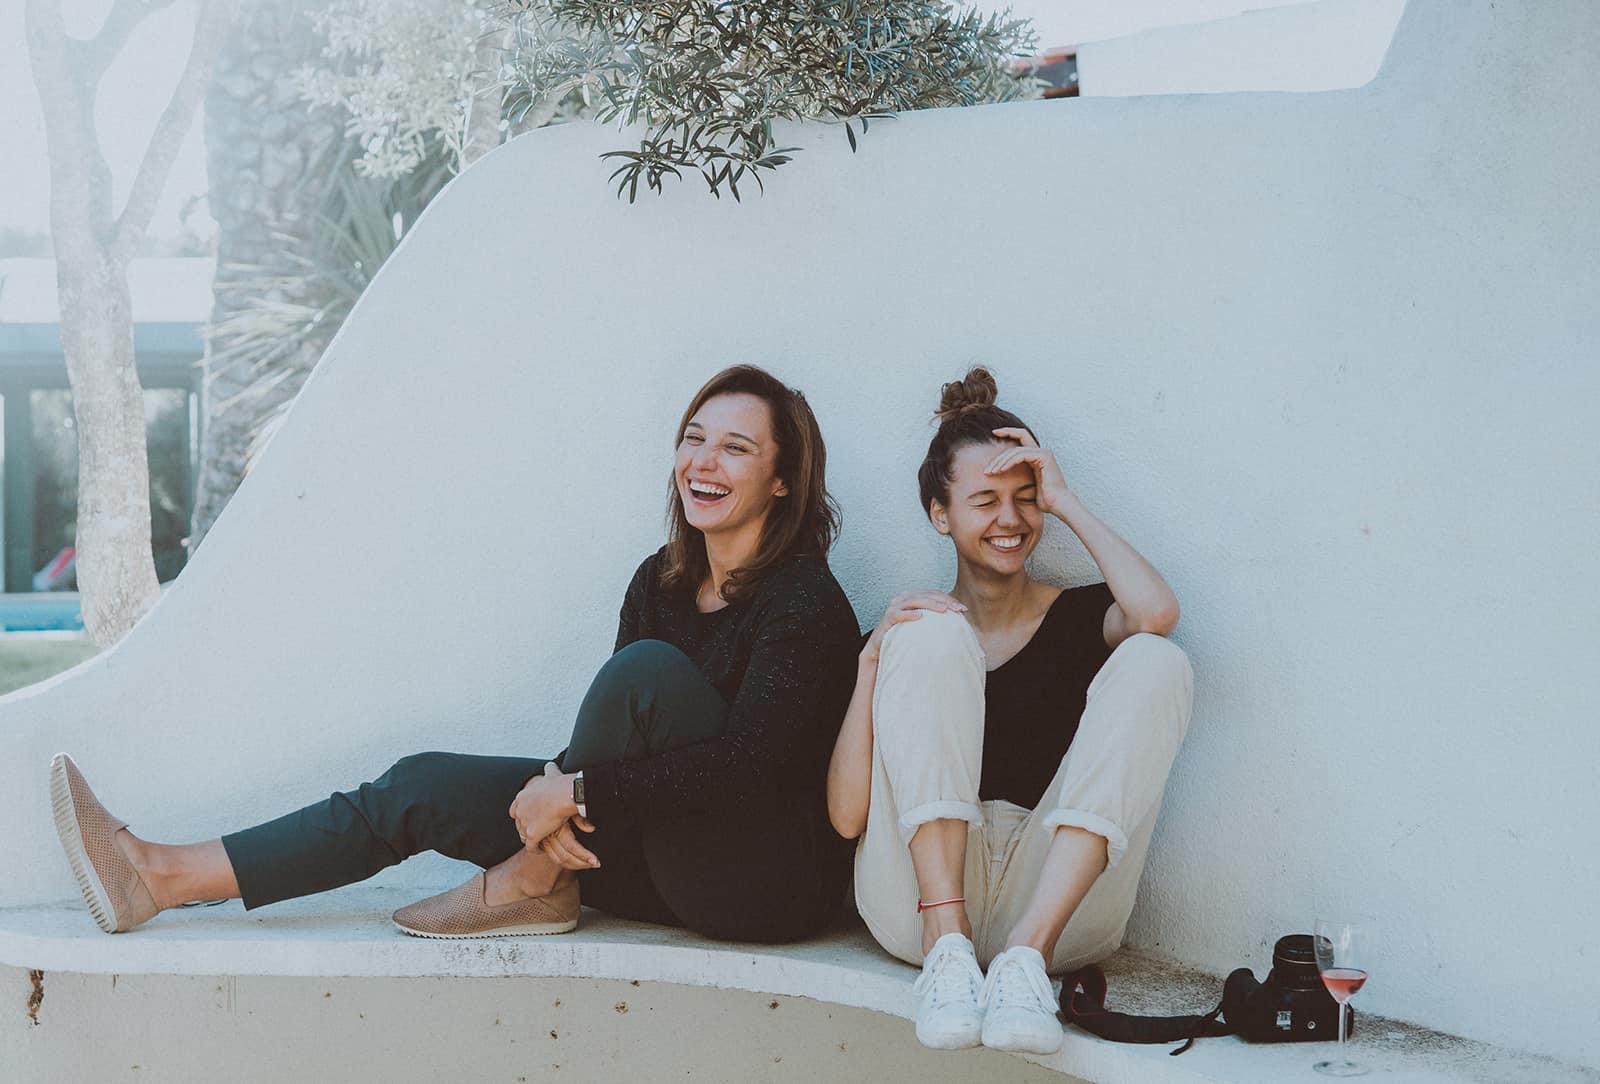 zwei lächelnde Freundinnen, die auf der Betonbank sitzen